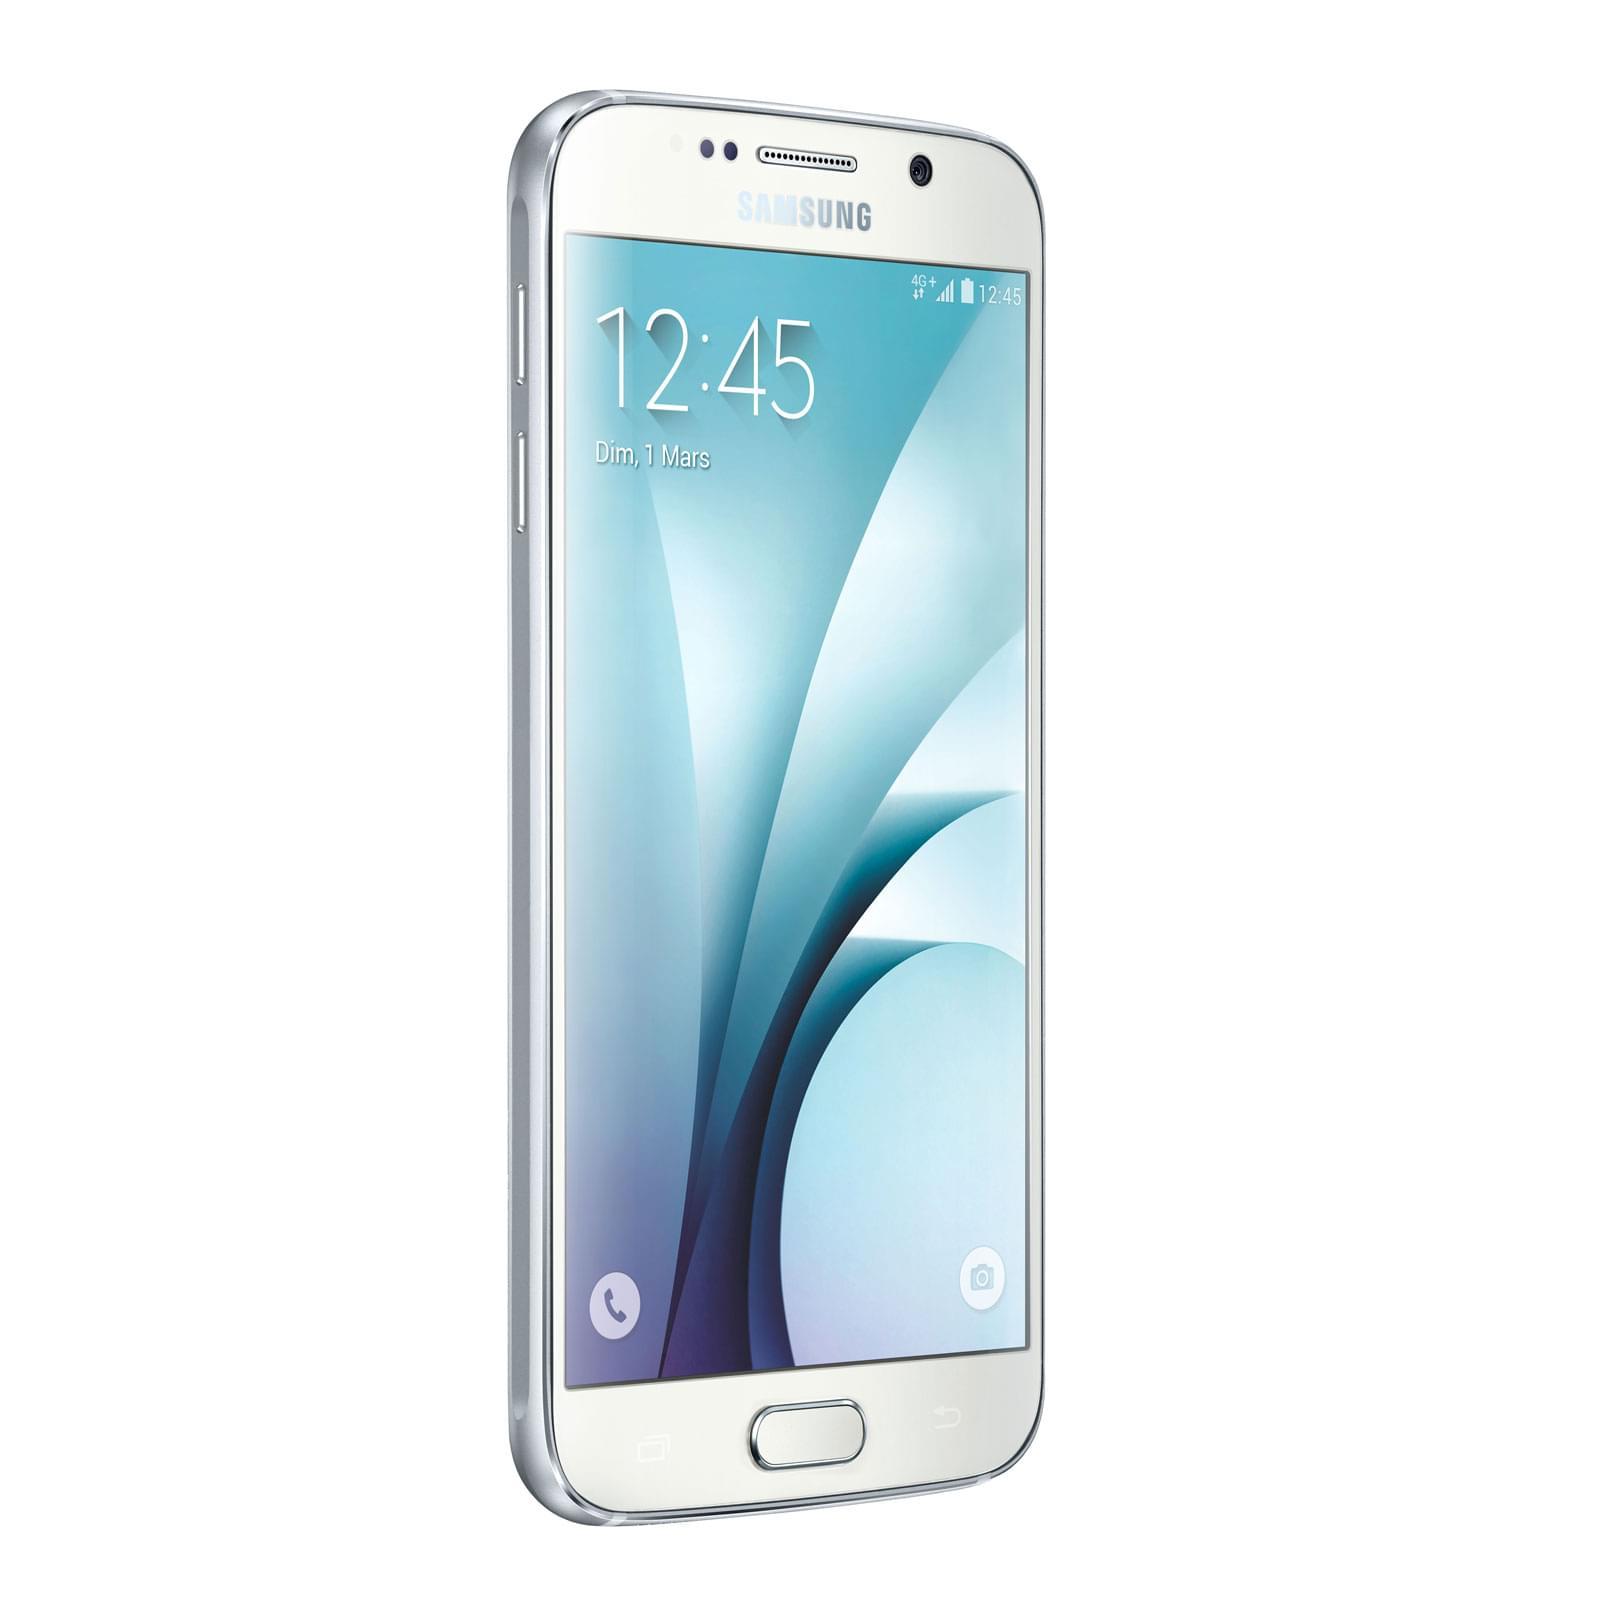 Samsung Galaxy S6 32Gb White G920F (SM-G920FZWAXEF) - Achat / Vente Téléphonie sur Cybertek.fr - 0